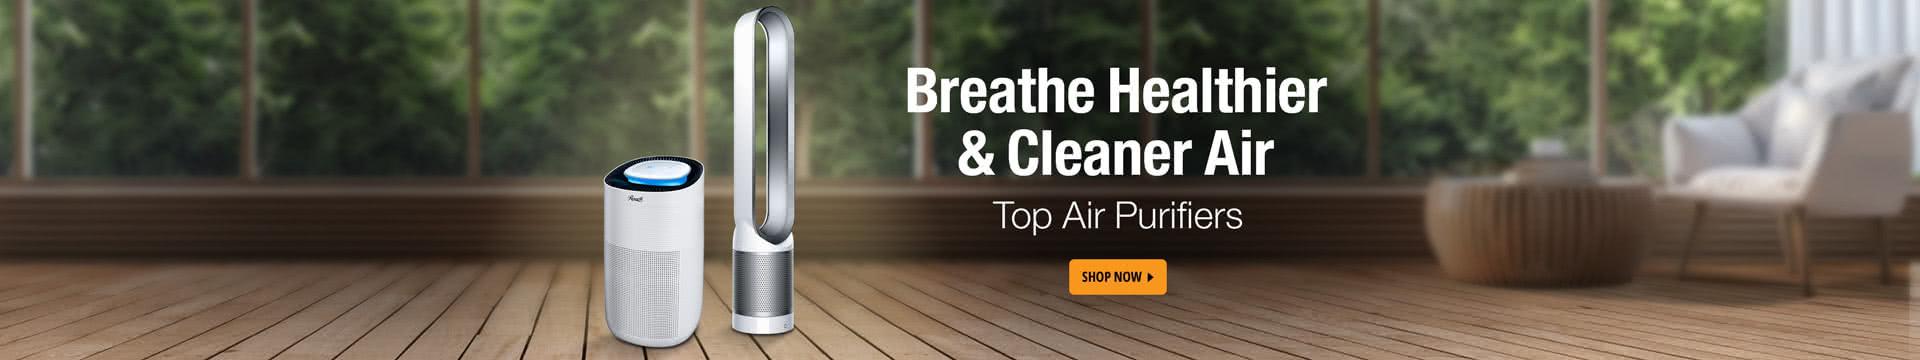 Breath healthier & cleaner air